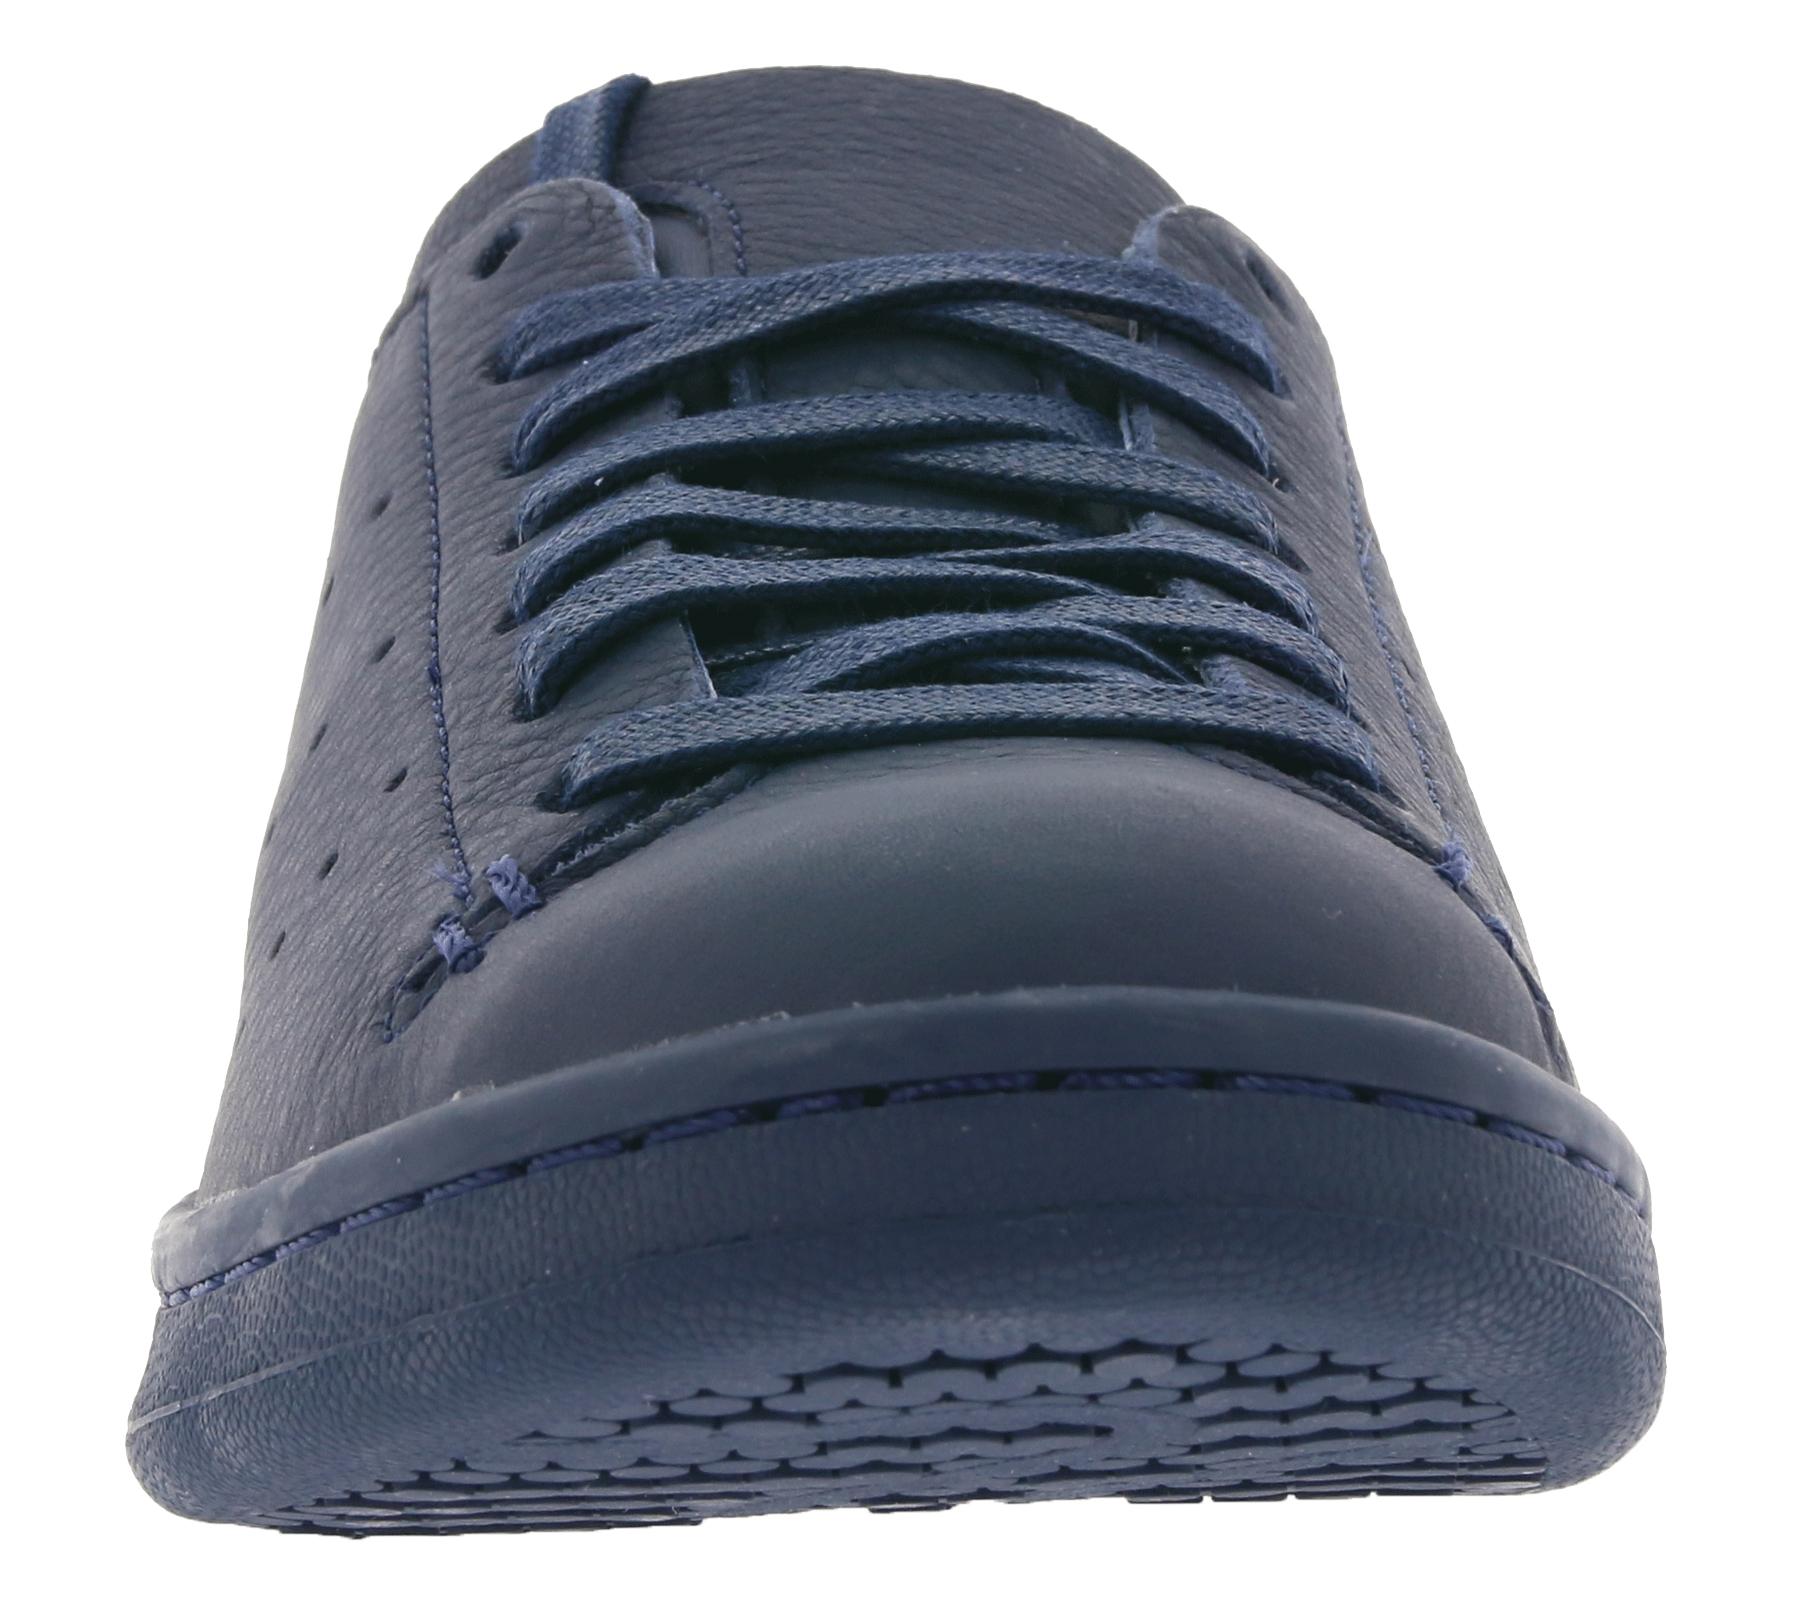 billig Blaue Sneaker für Damen online kaufen | Mach's dir